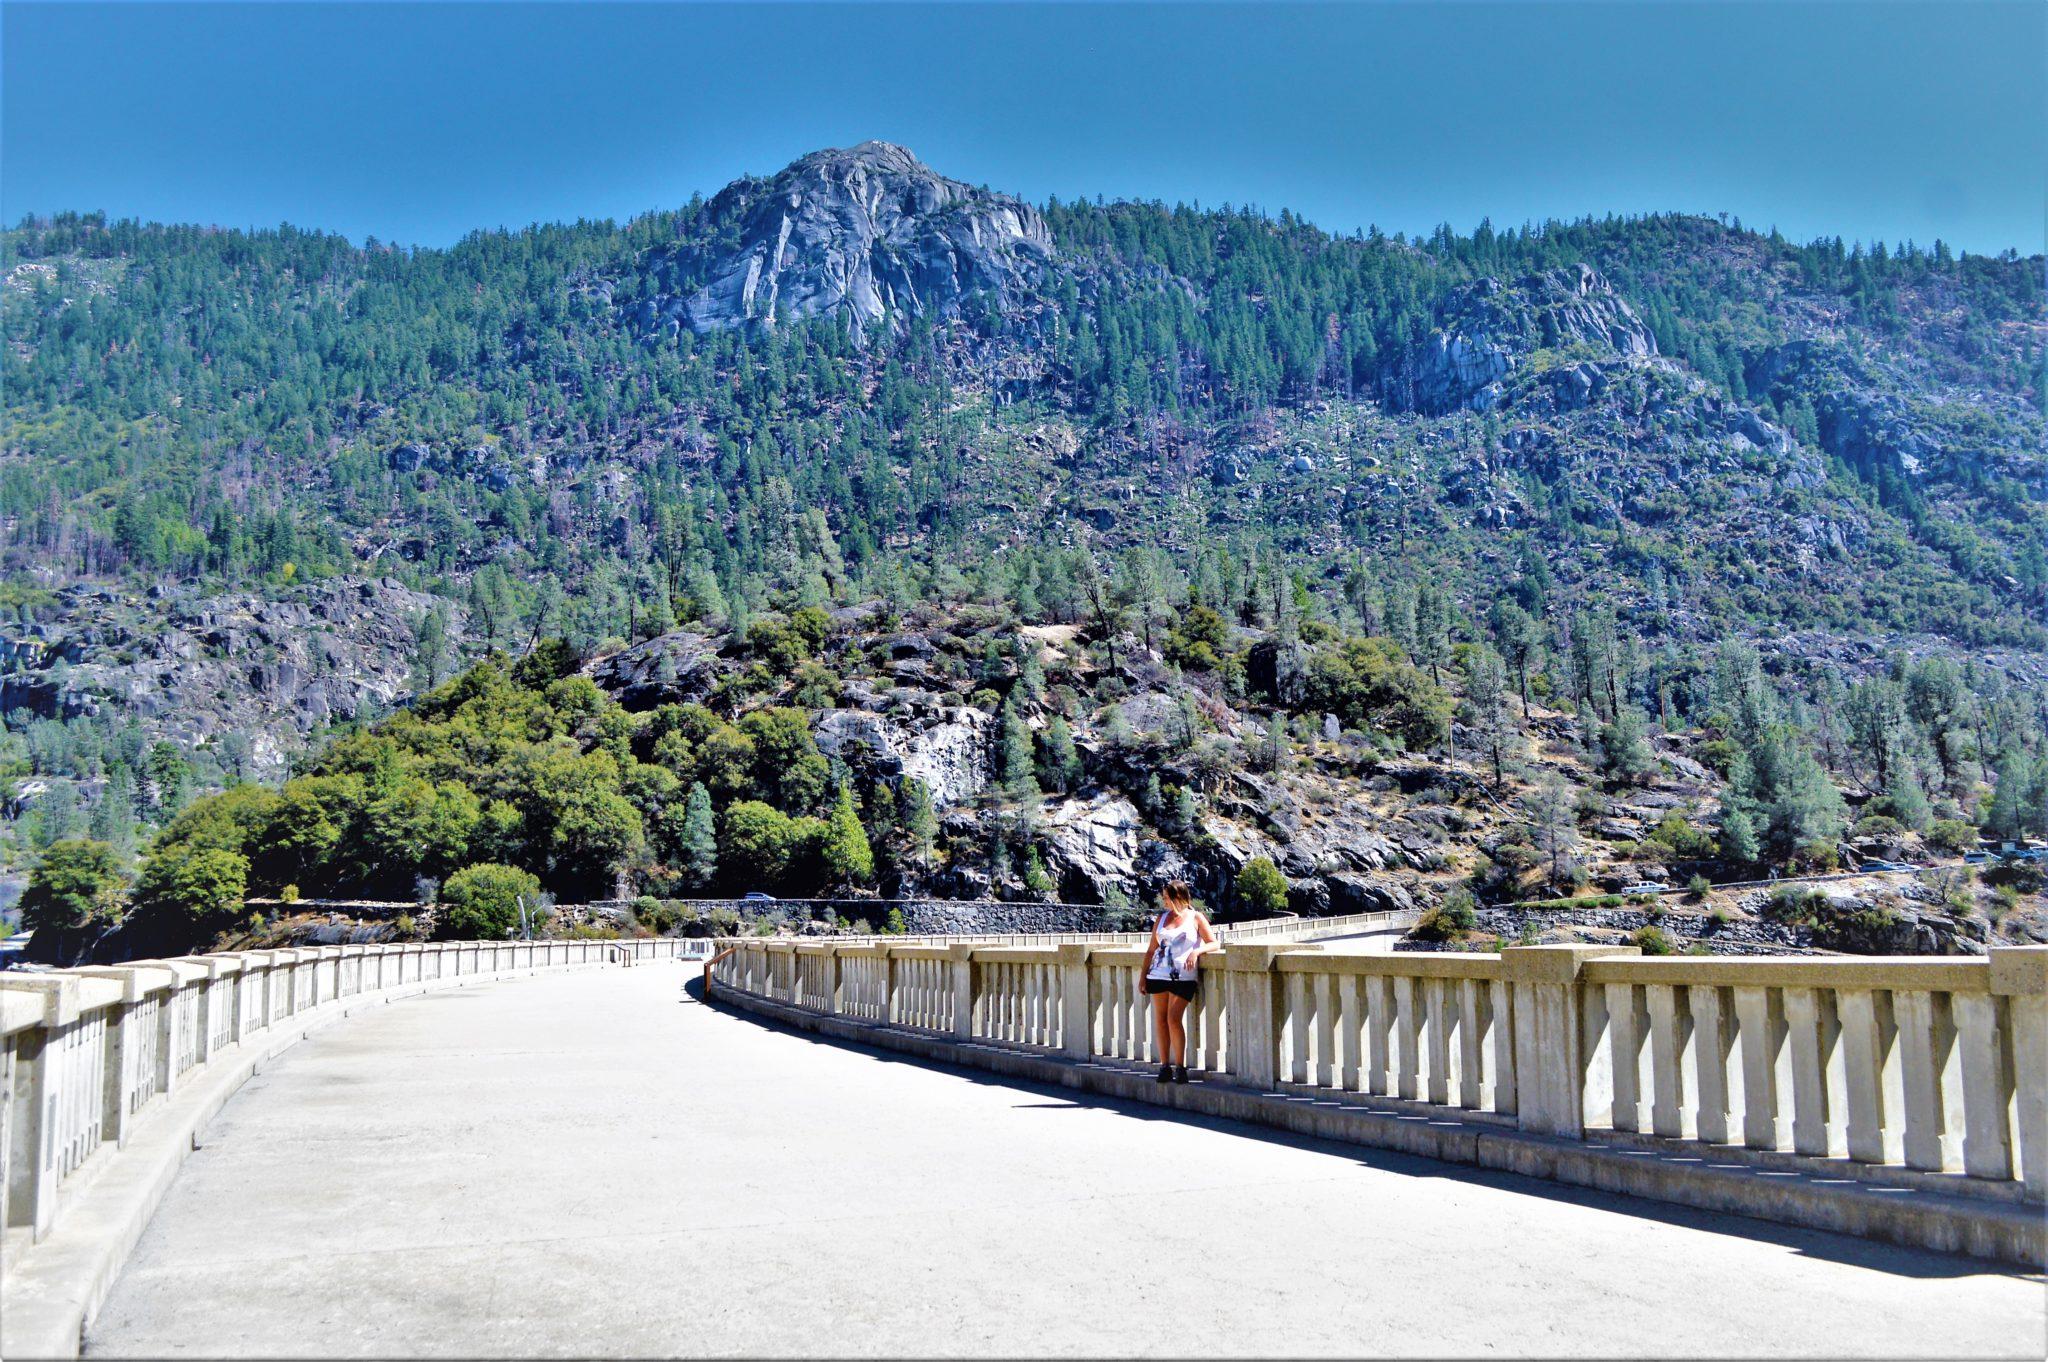 Standing on top of Hetch Hetchy dam, California